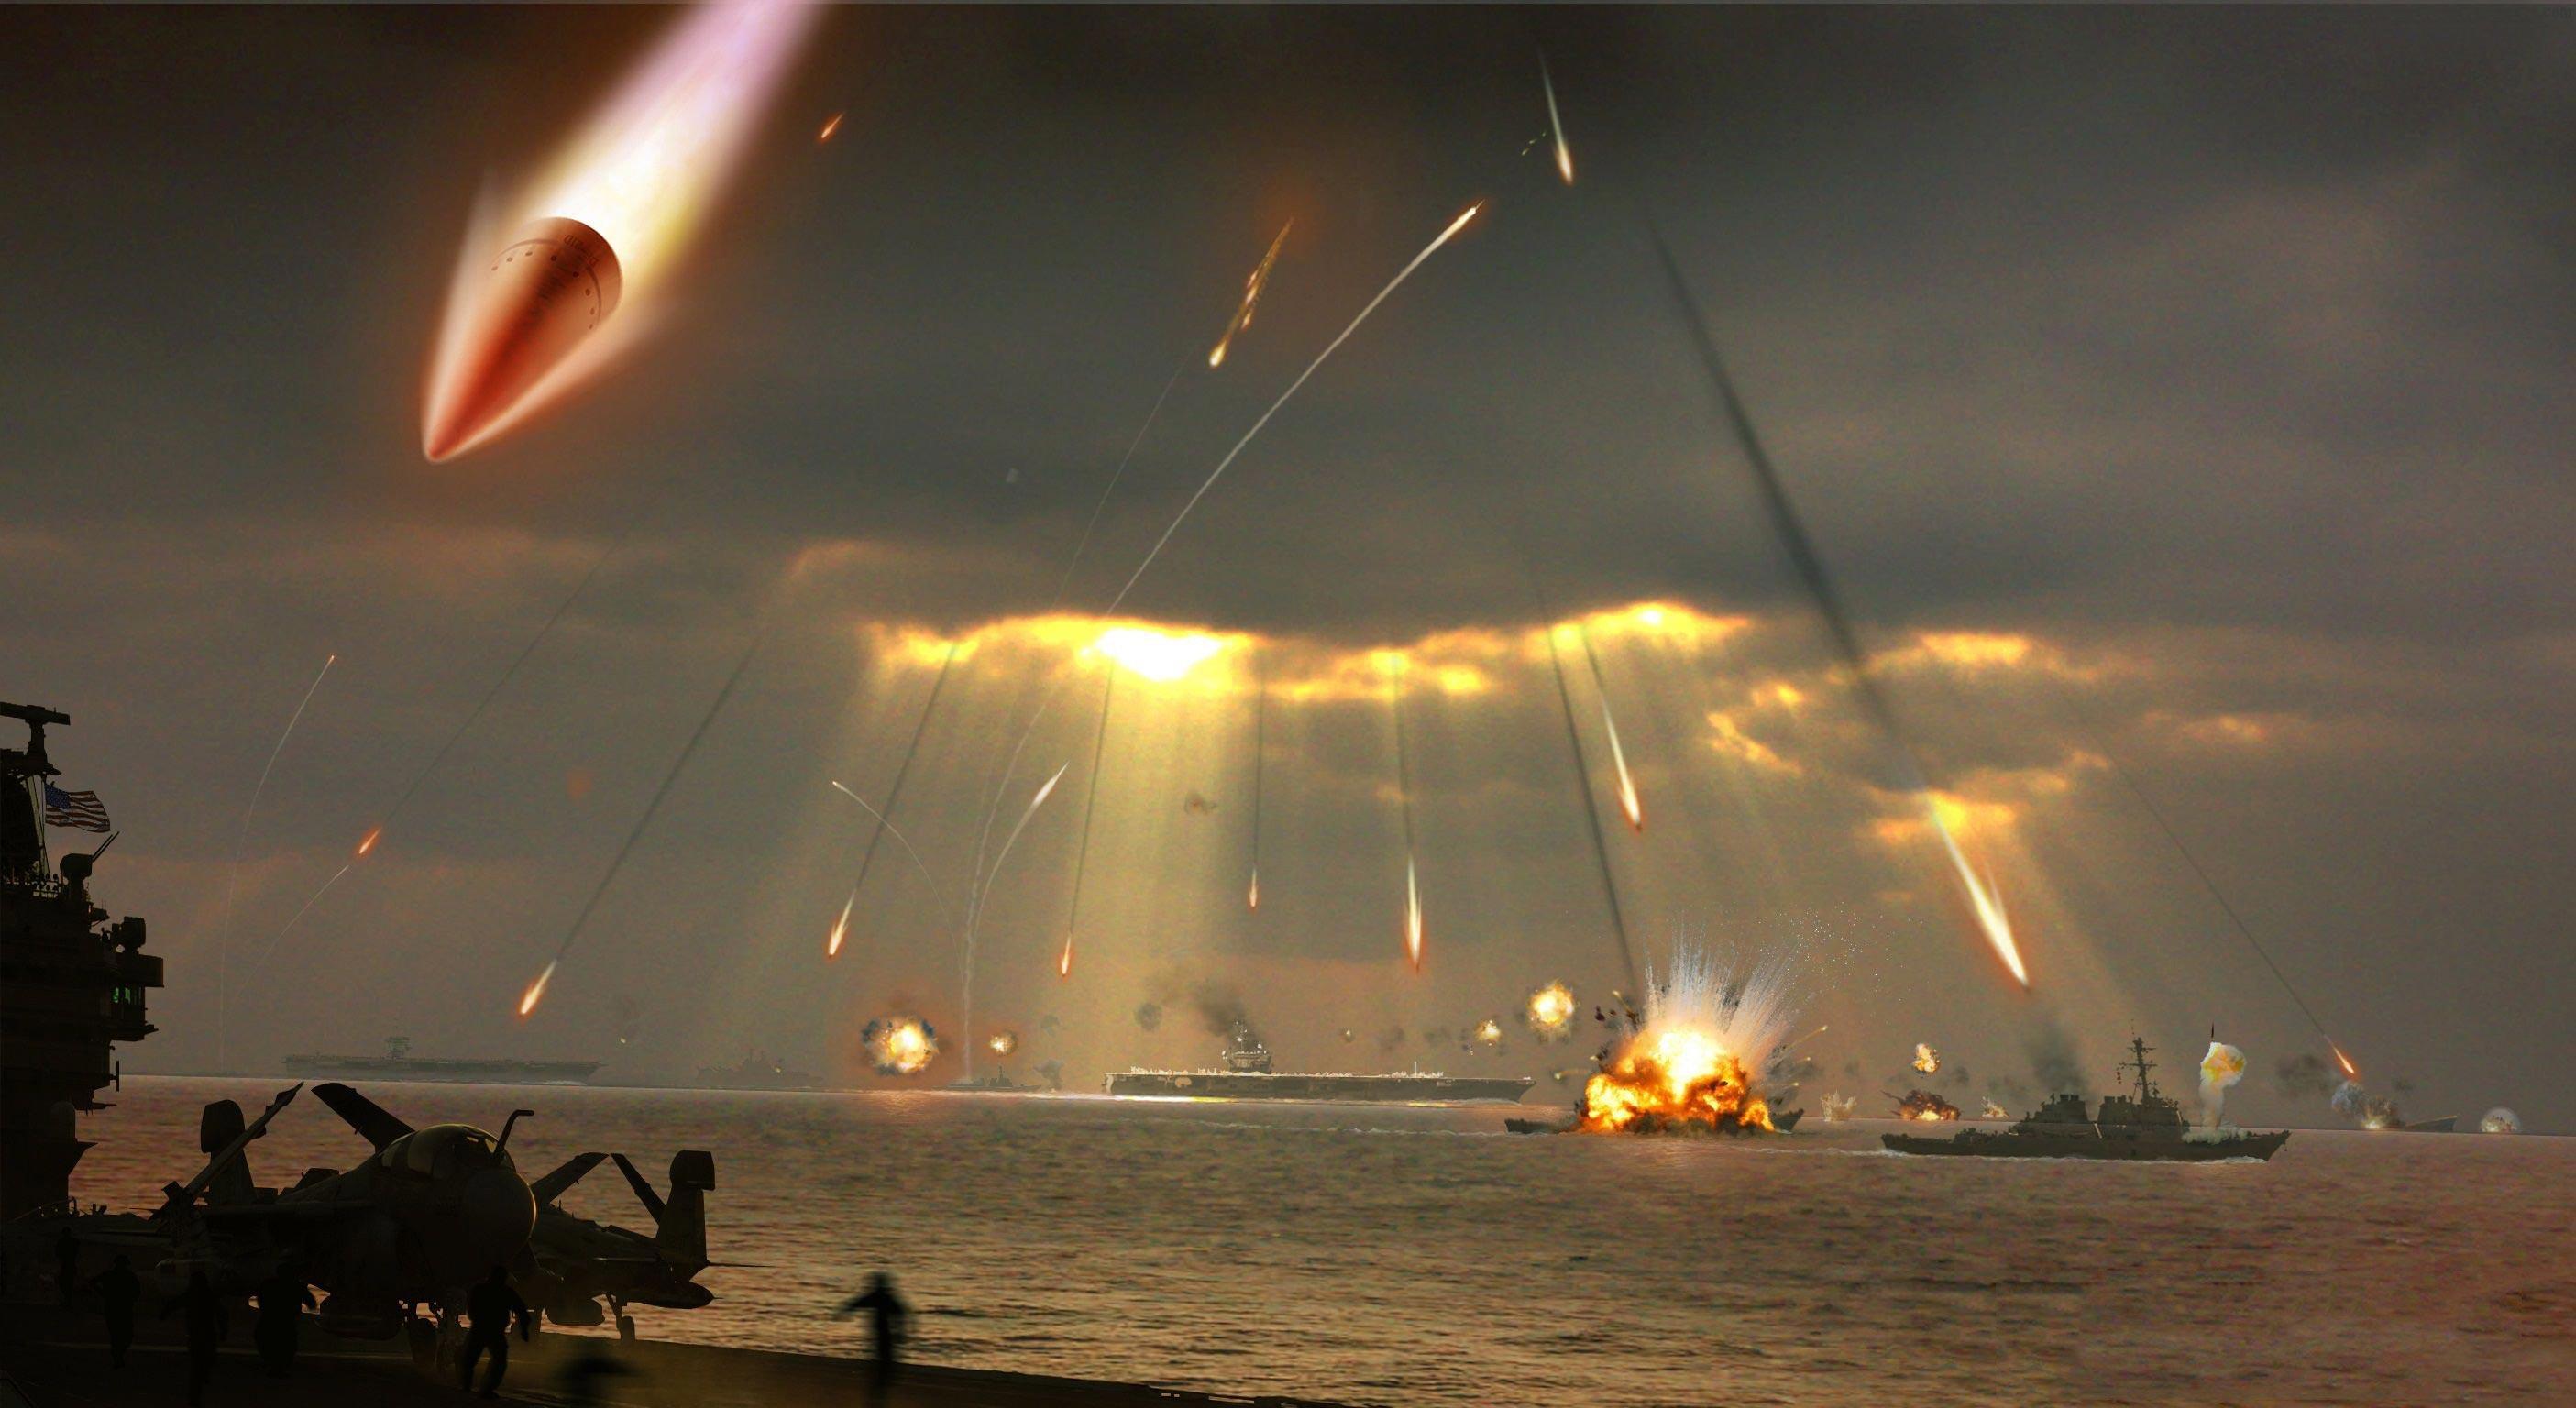 解放军亮剑东海,美军侦察机闻风而至,美国到底在忌惮什么?